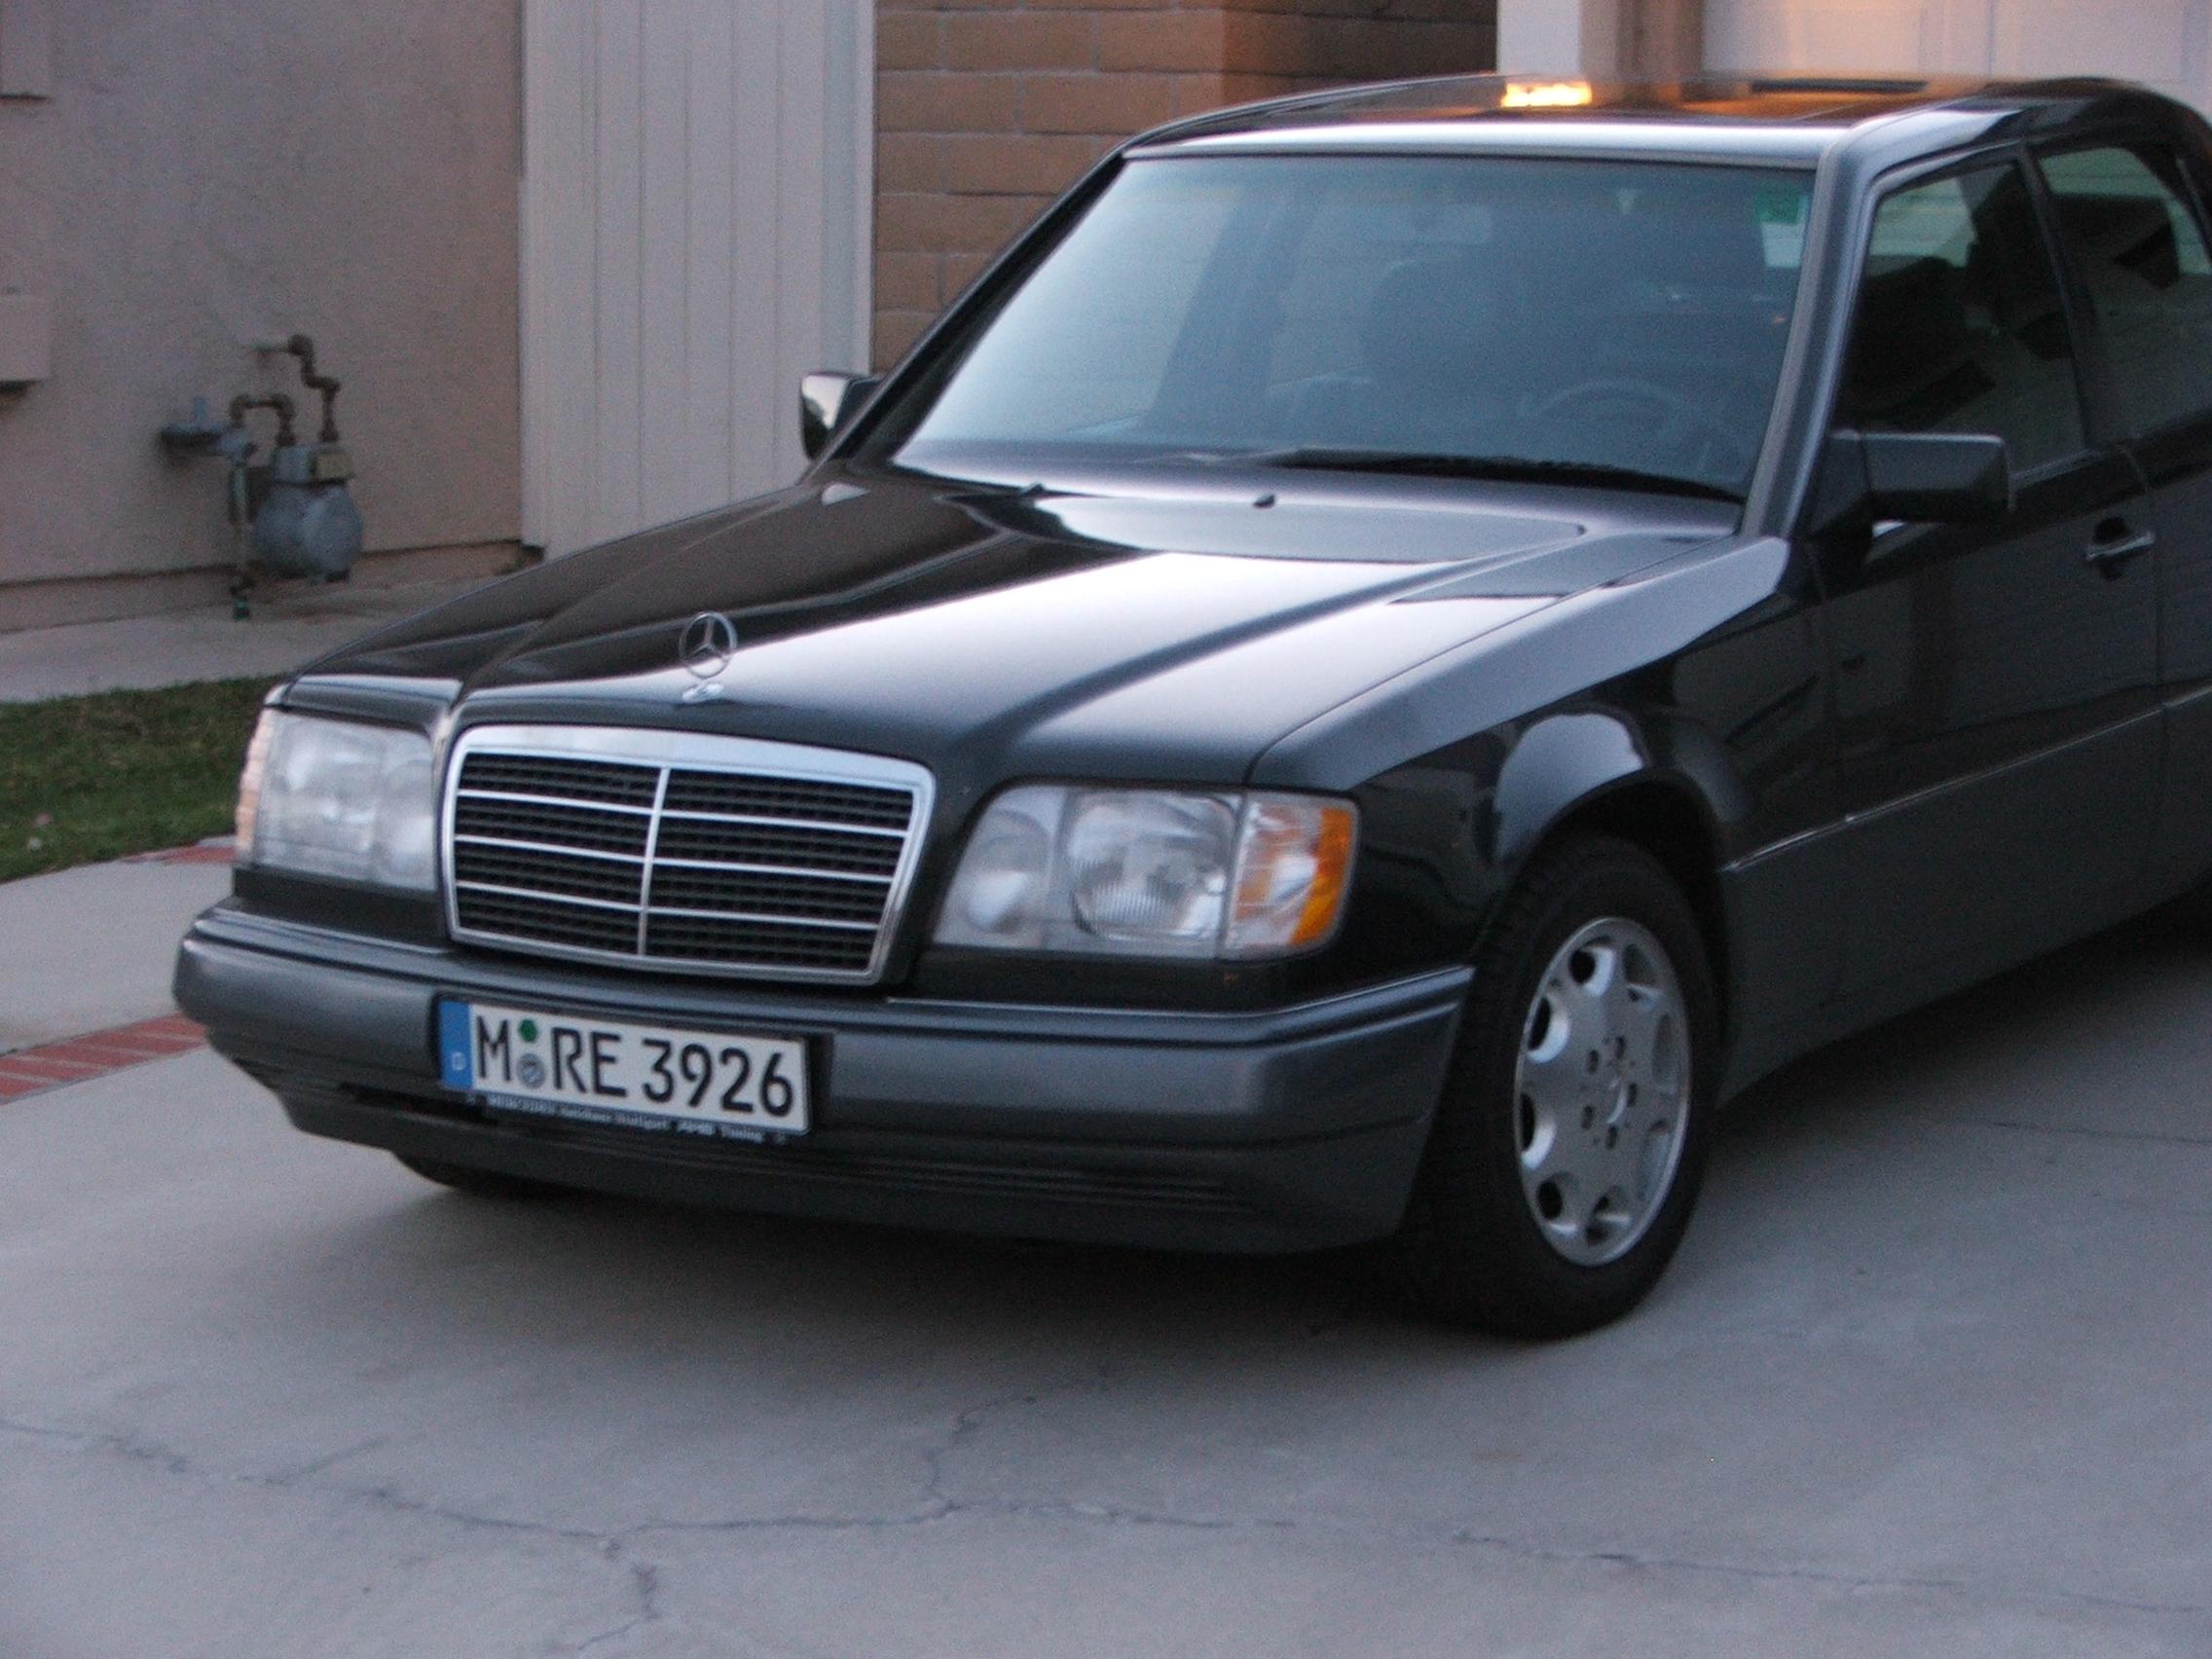 Mercedes Benz W210 moreover Dosya Mercedes W124 Mopf II schwarz additionally Diy Oil Filter Change For A Mercedes W123 Ehow together with Mercedes Benz W124 additionally File 1990 1993 Mercedes Benz 230 E  W124  sedan 03. on benz w124 wiki